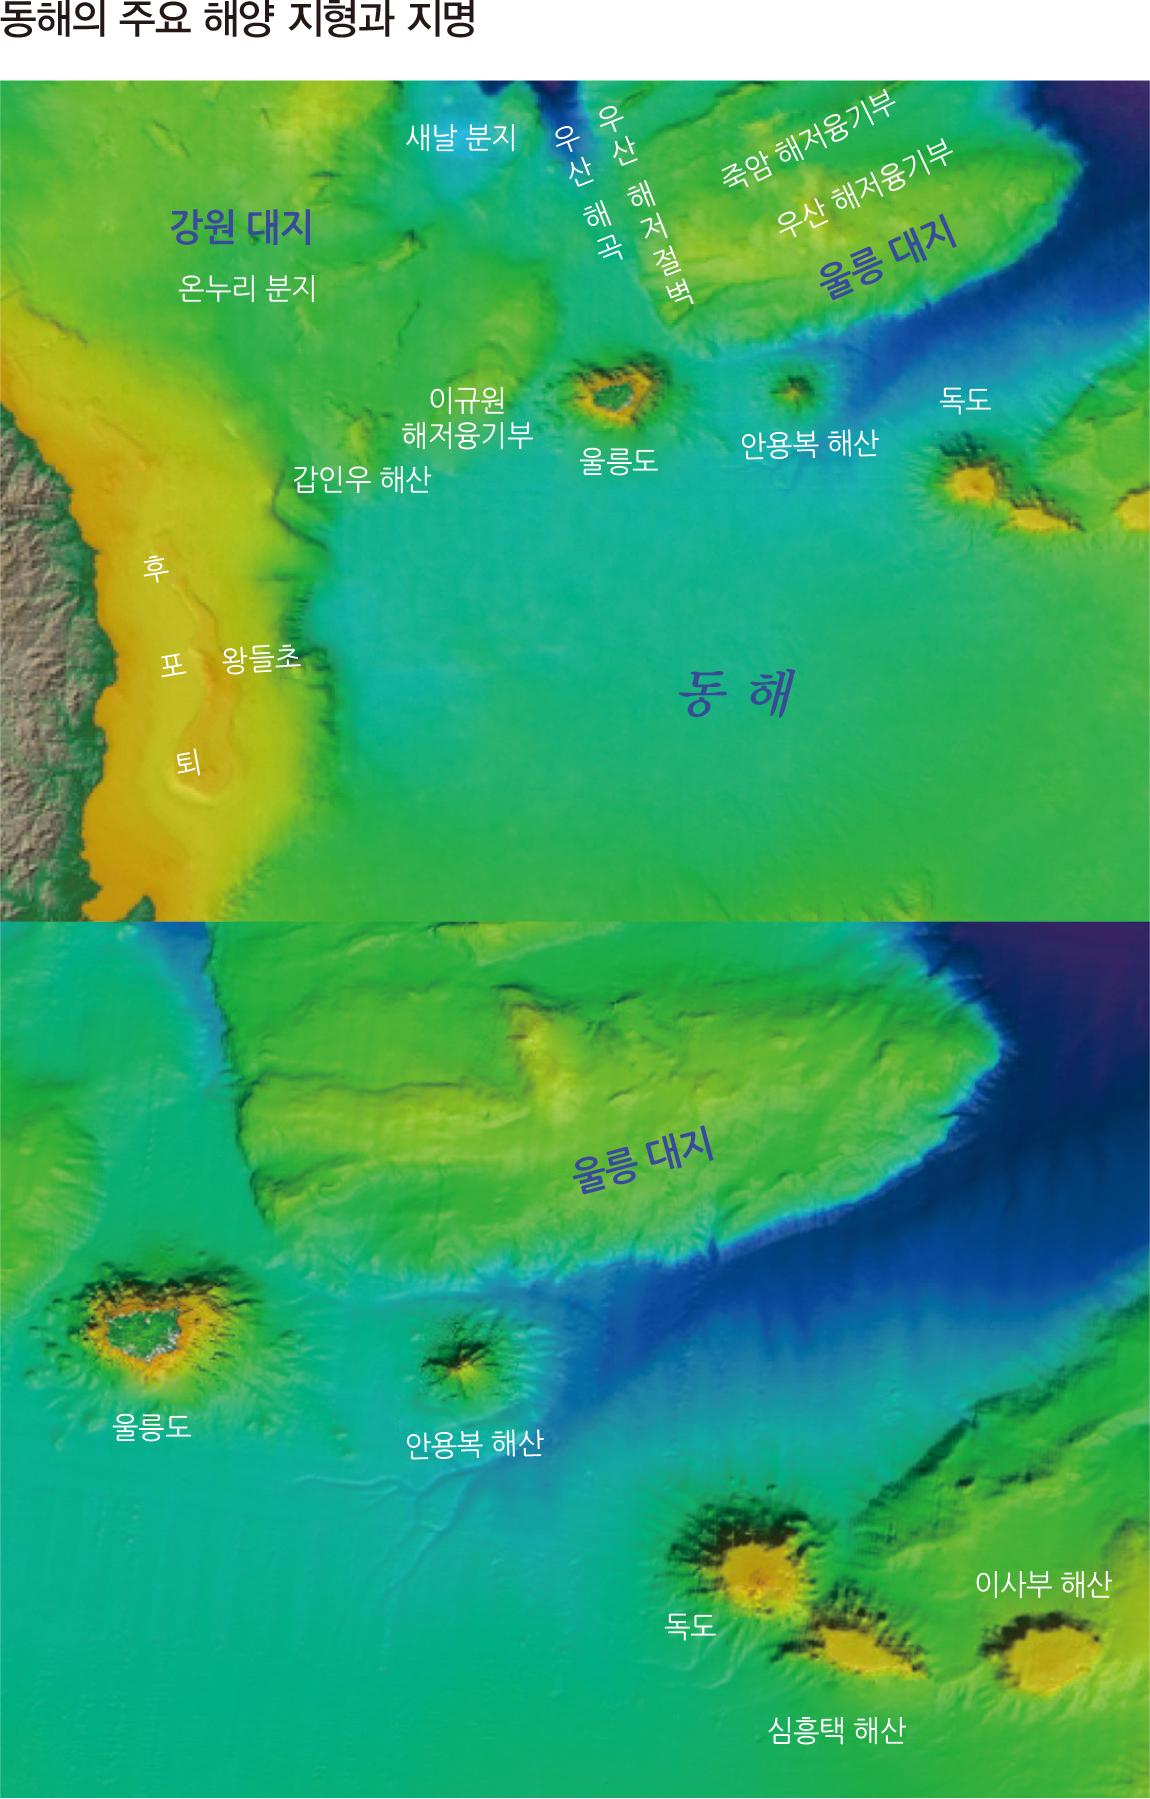 동해의 주요 해양 지형과 지명